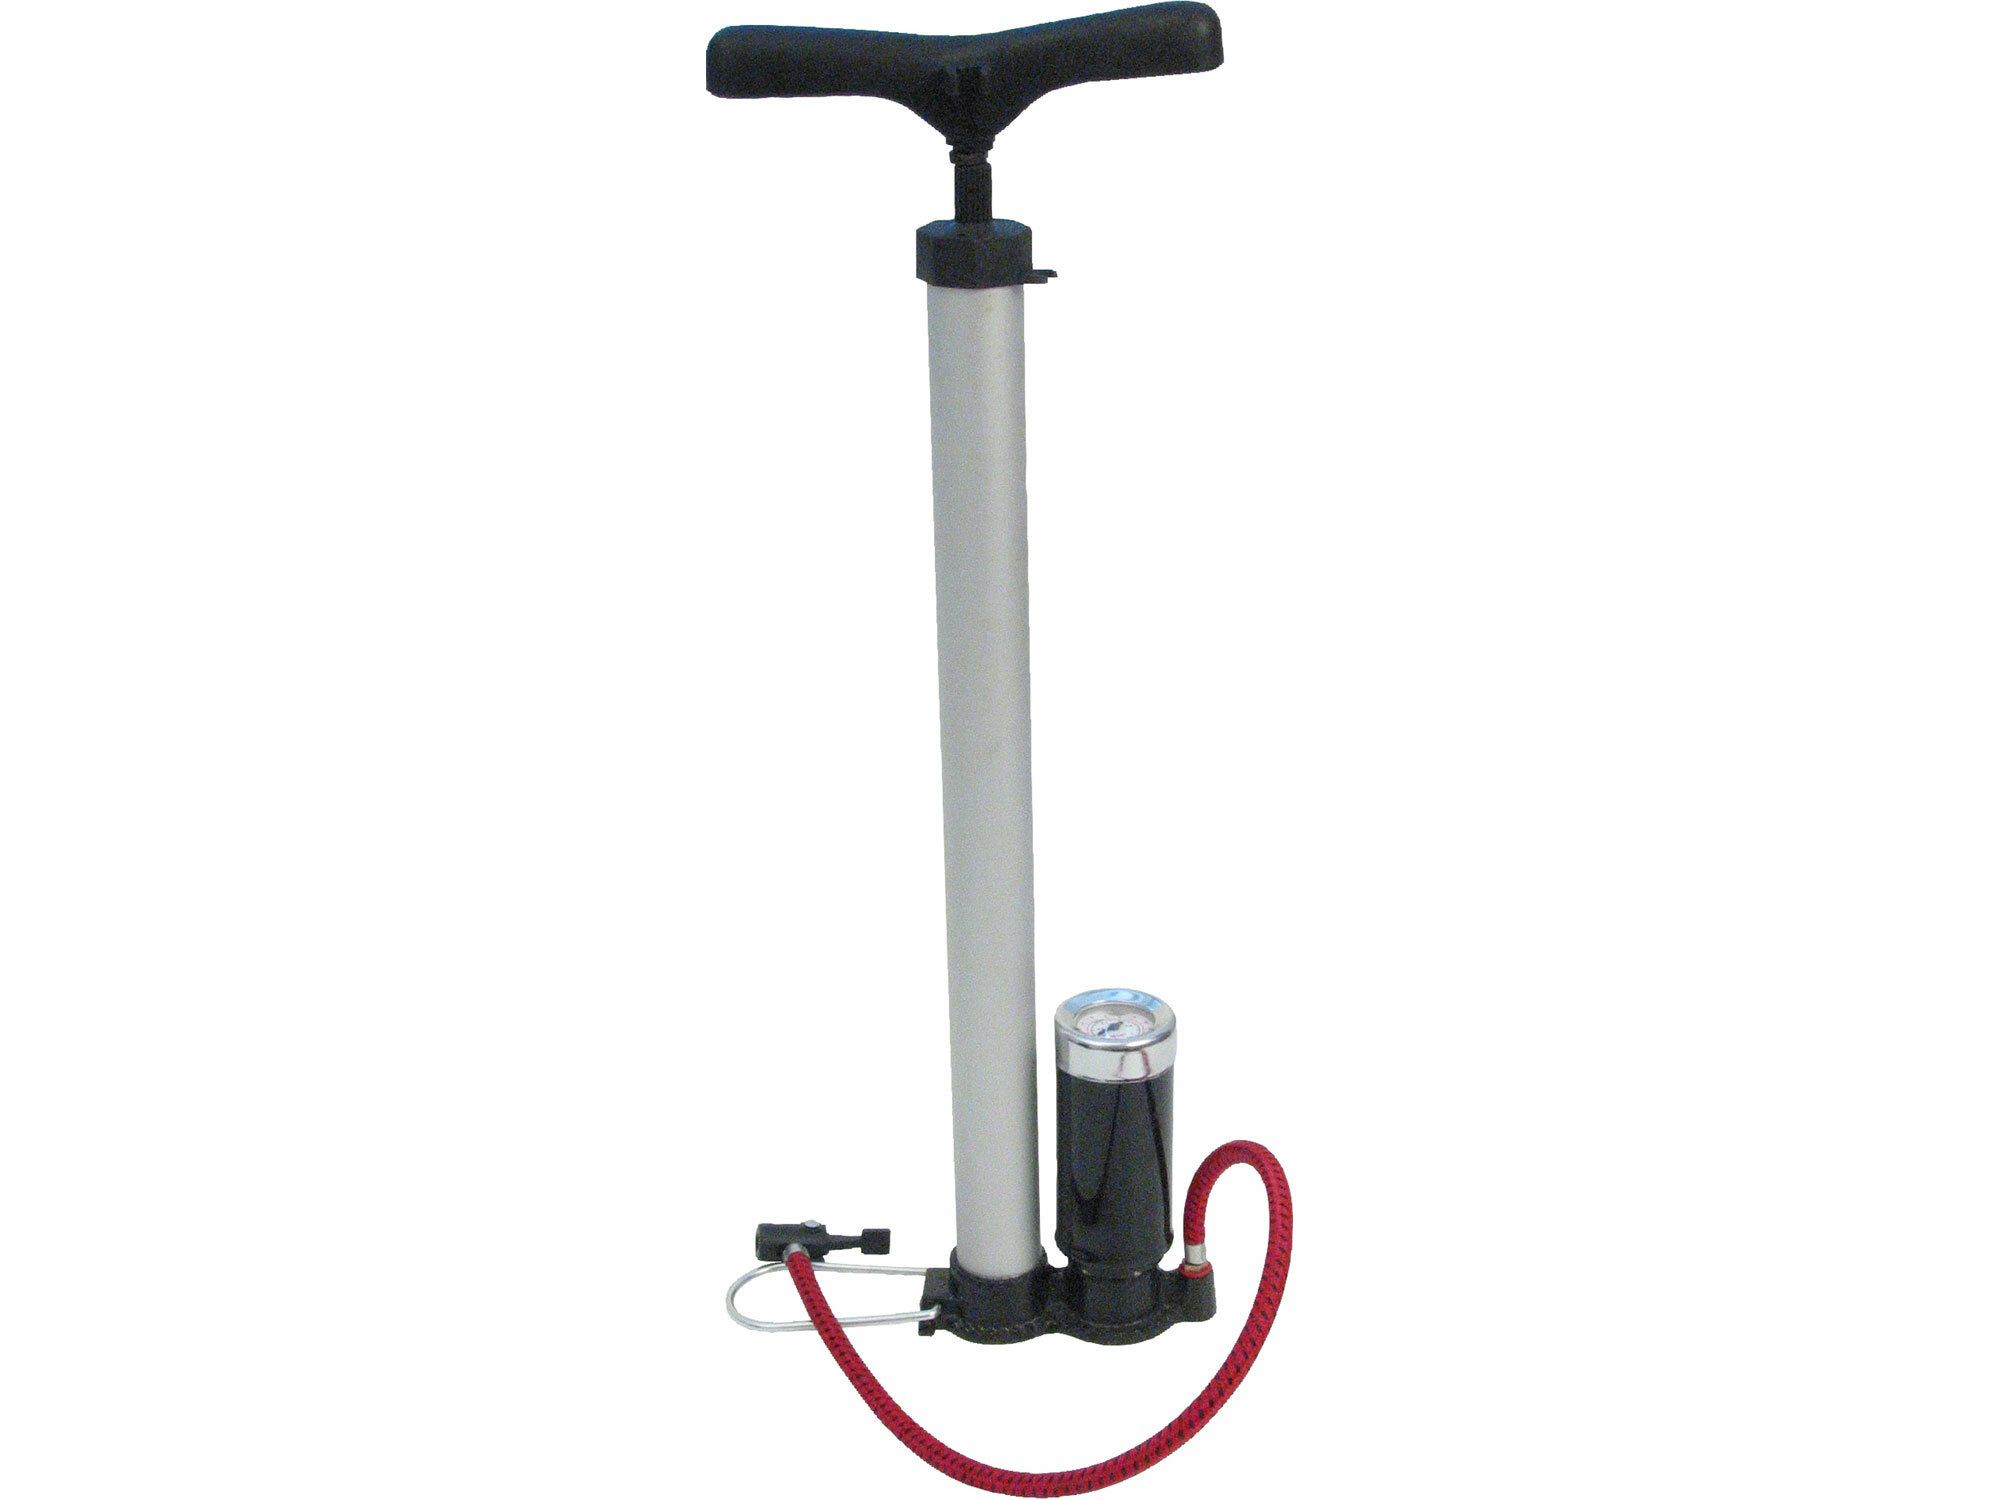 Pumpa na kolo s manometrem, 110PSI/7bar EXTOL-CRAFT